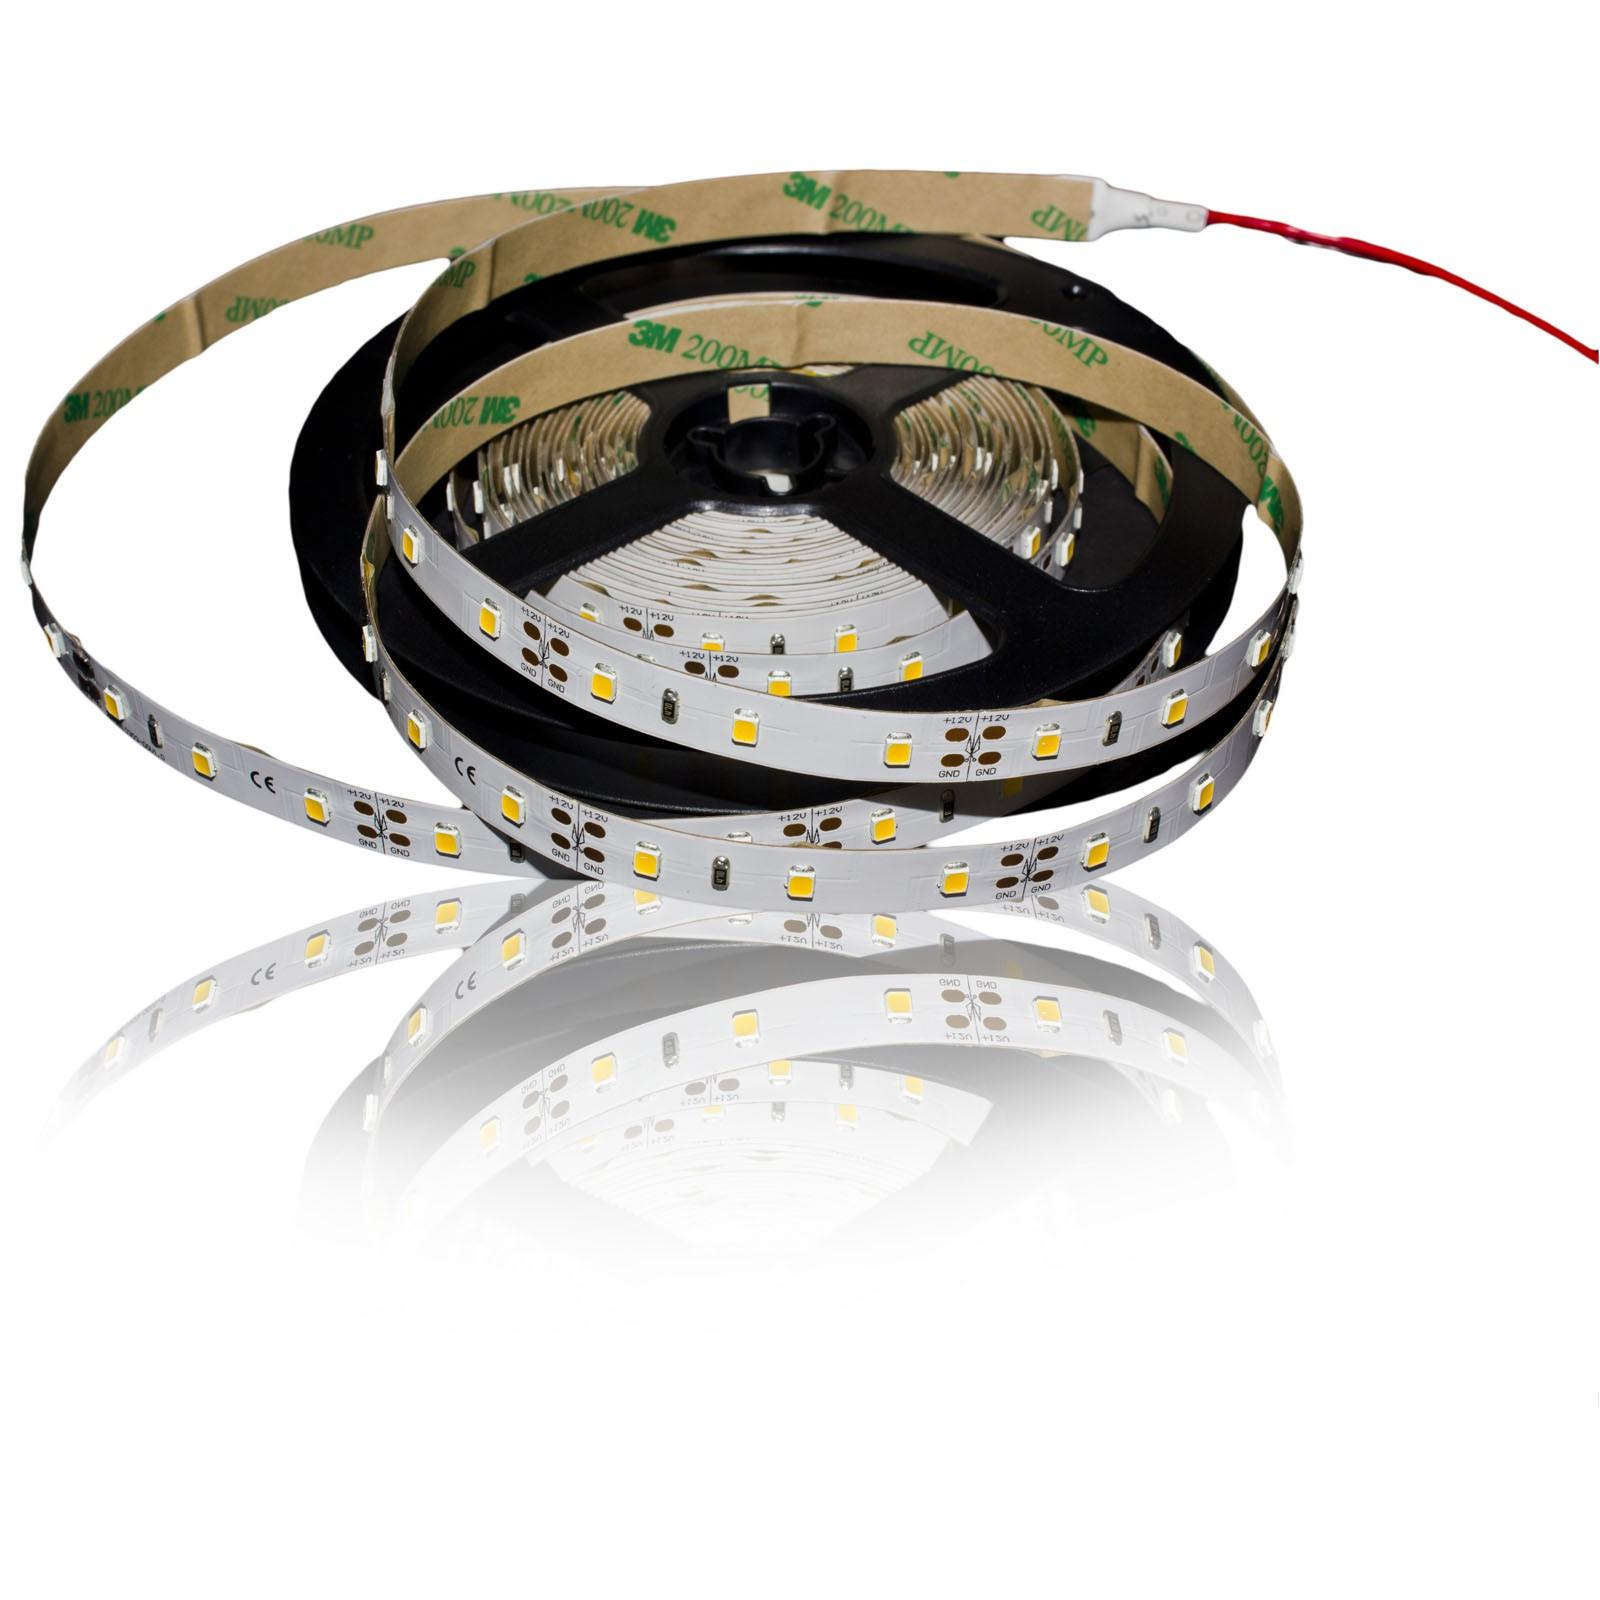 Led Lichtband Dimmbar : led lichtband fundgrube einebinsenweisheit ~ Watch28wear.com Haus und Dekorationen